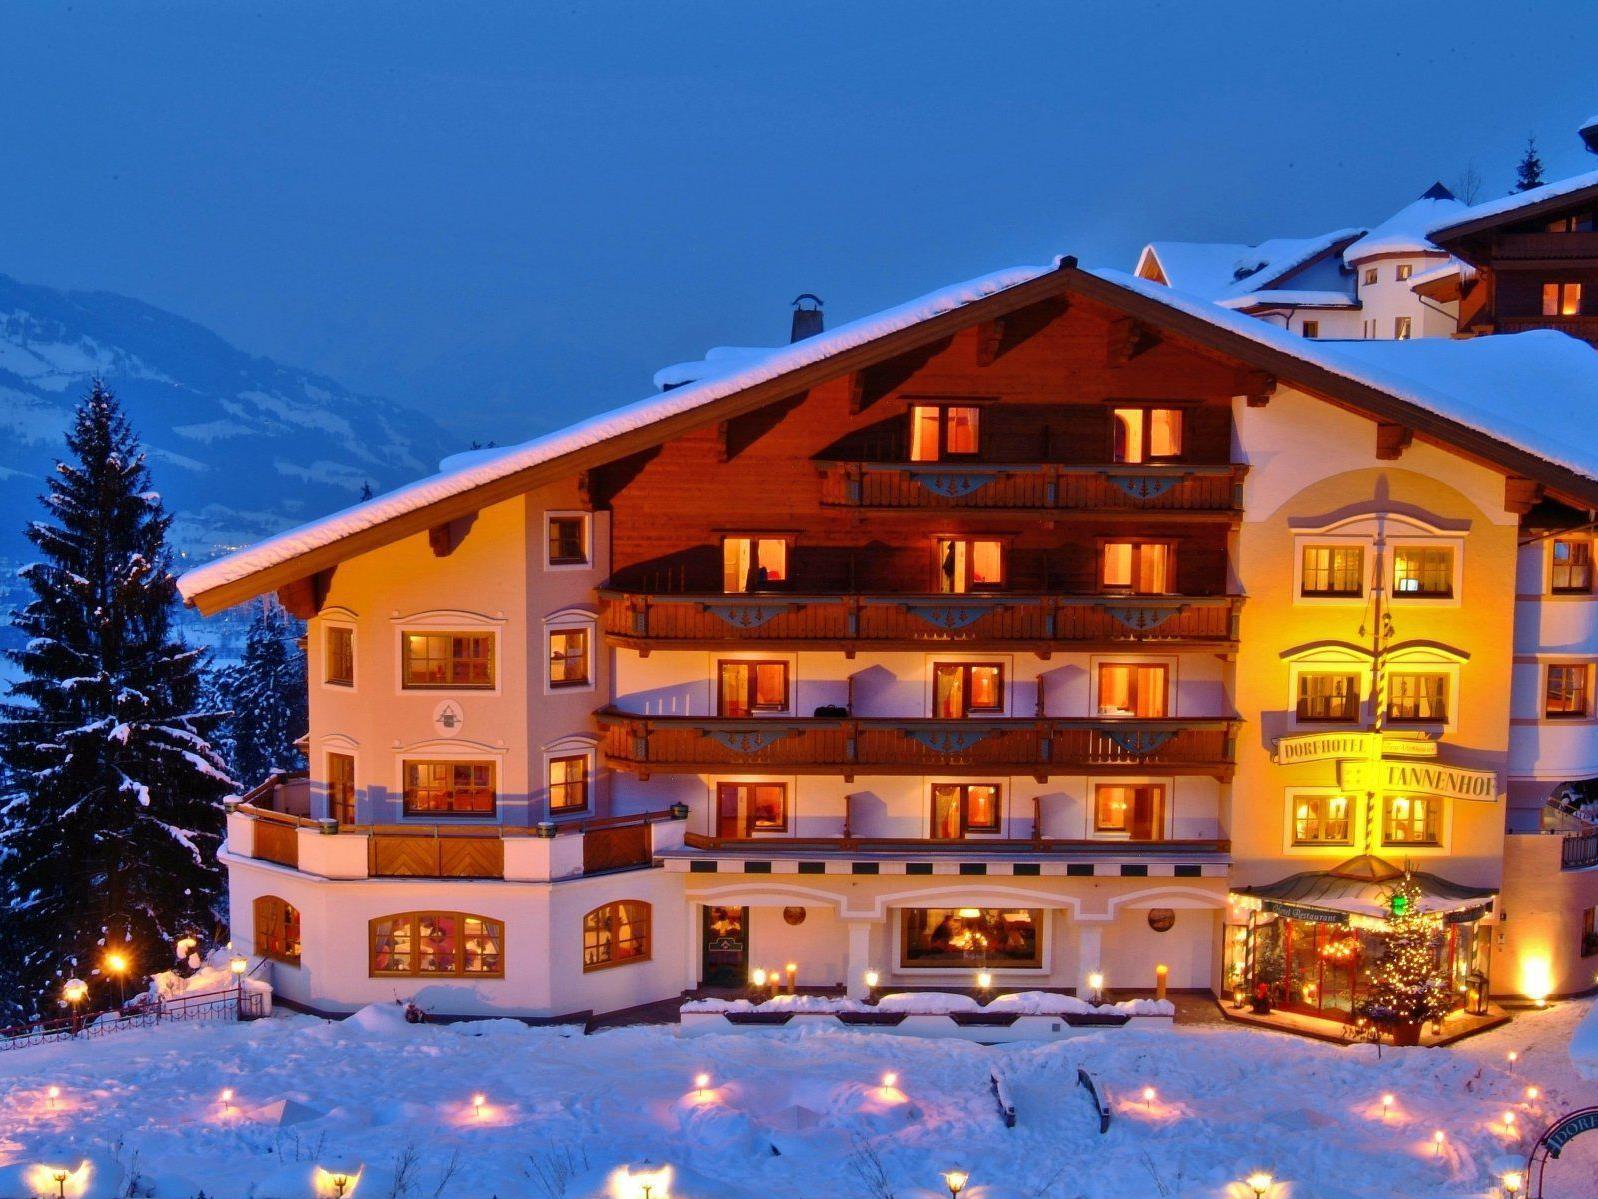 """Das """"Vienna.at Ferienzuckerl"""": Die Skipisten der Ski amadé direkt vor der Hoteltüre und ein Alpines-Lifestyle-Hotel, in dem der Urlaub ab der ersten Minute beginnt."""